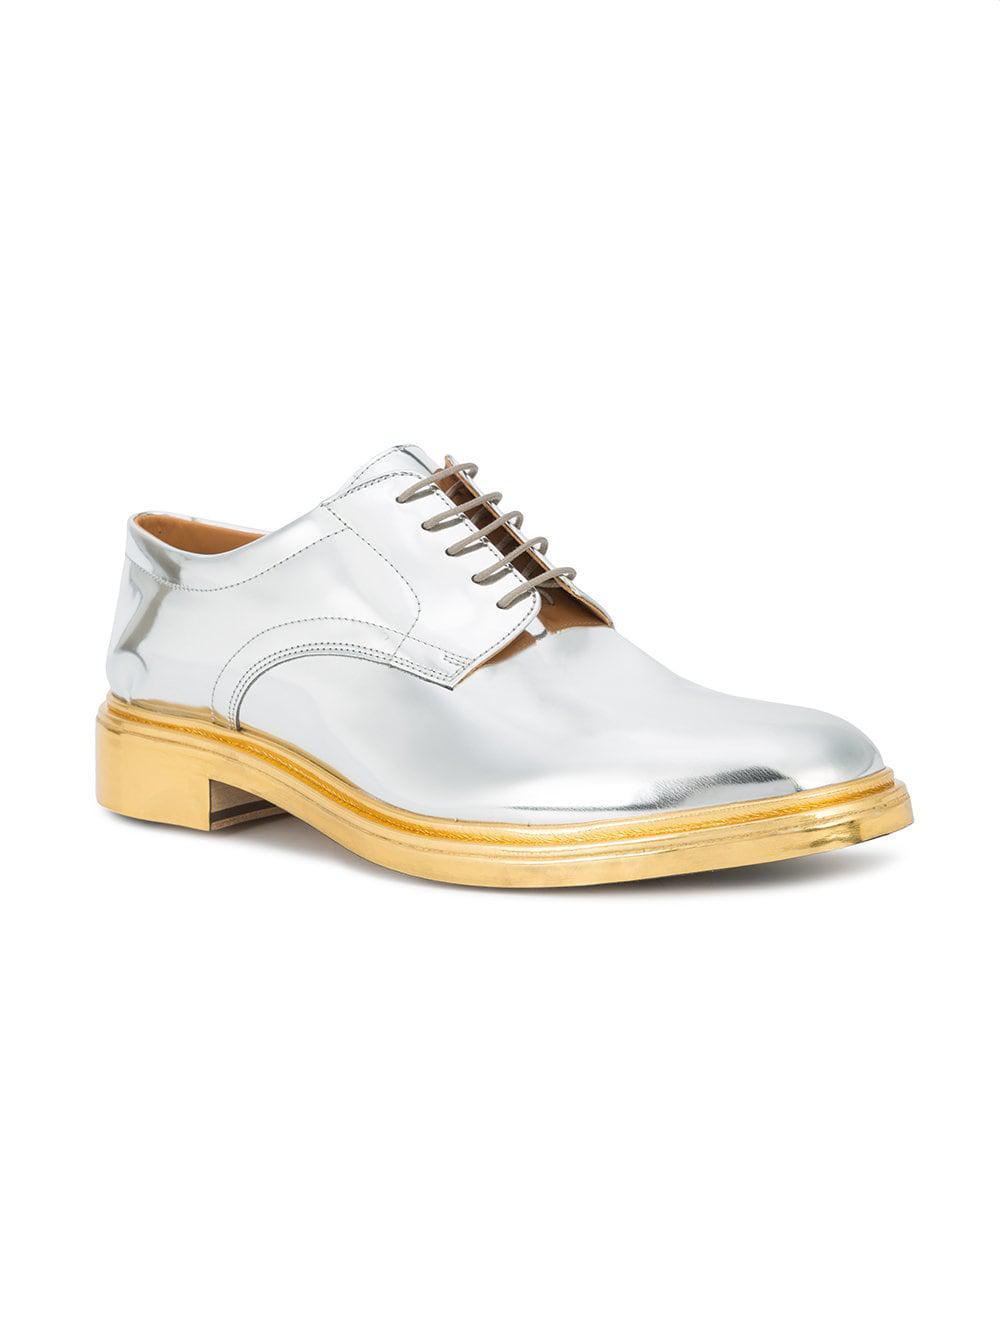 Lyst Zapatos derby espejados Maison Margiela de hombre de